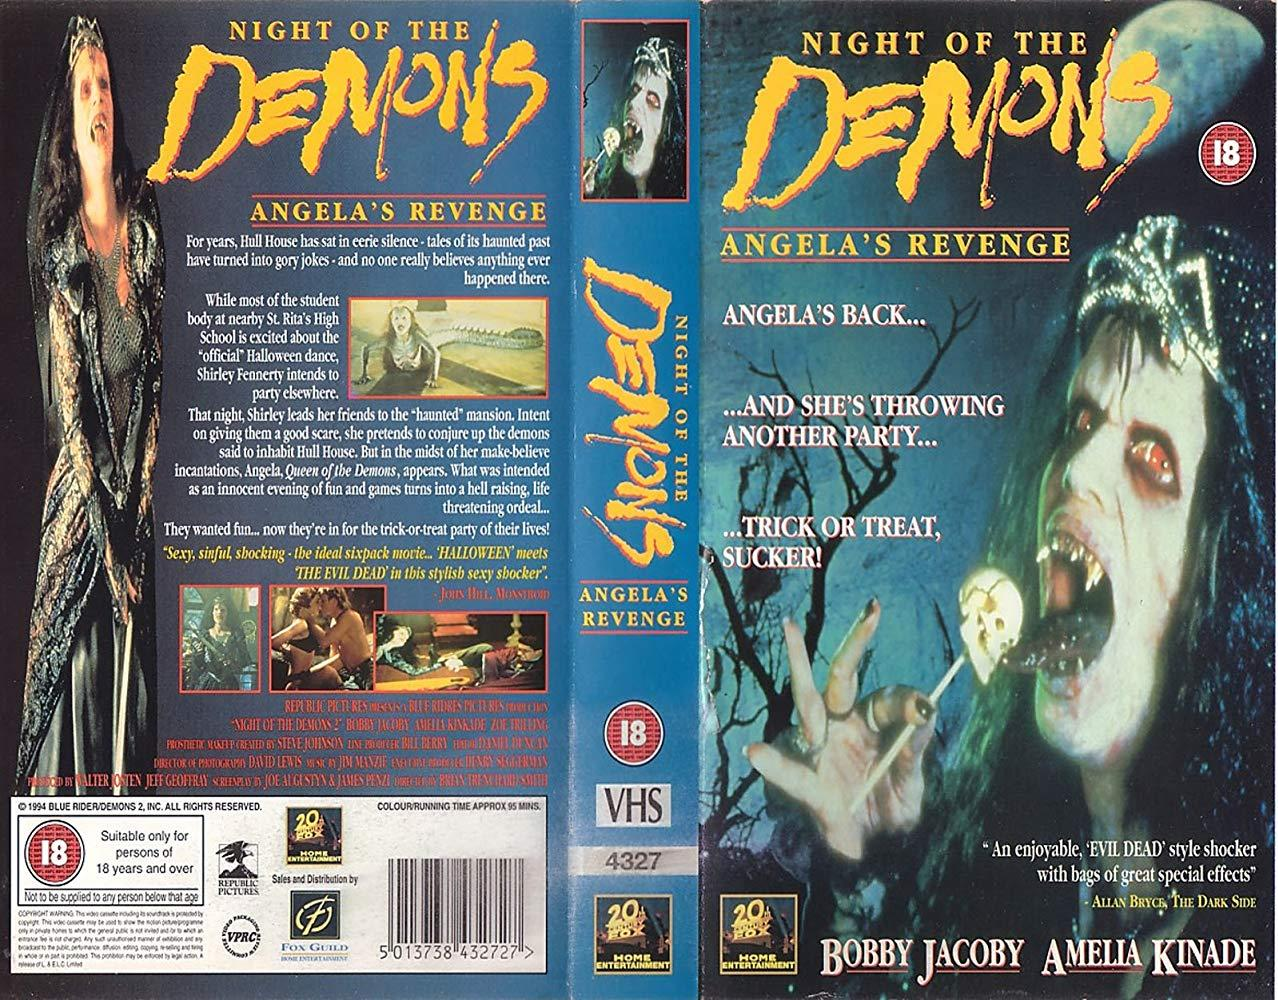 مشاهدة فيلم Night of the Demons 2 1994 HD مترجم كامل اون لاين (للكبار فقط)